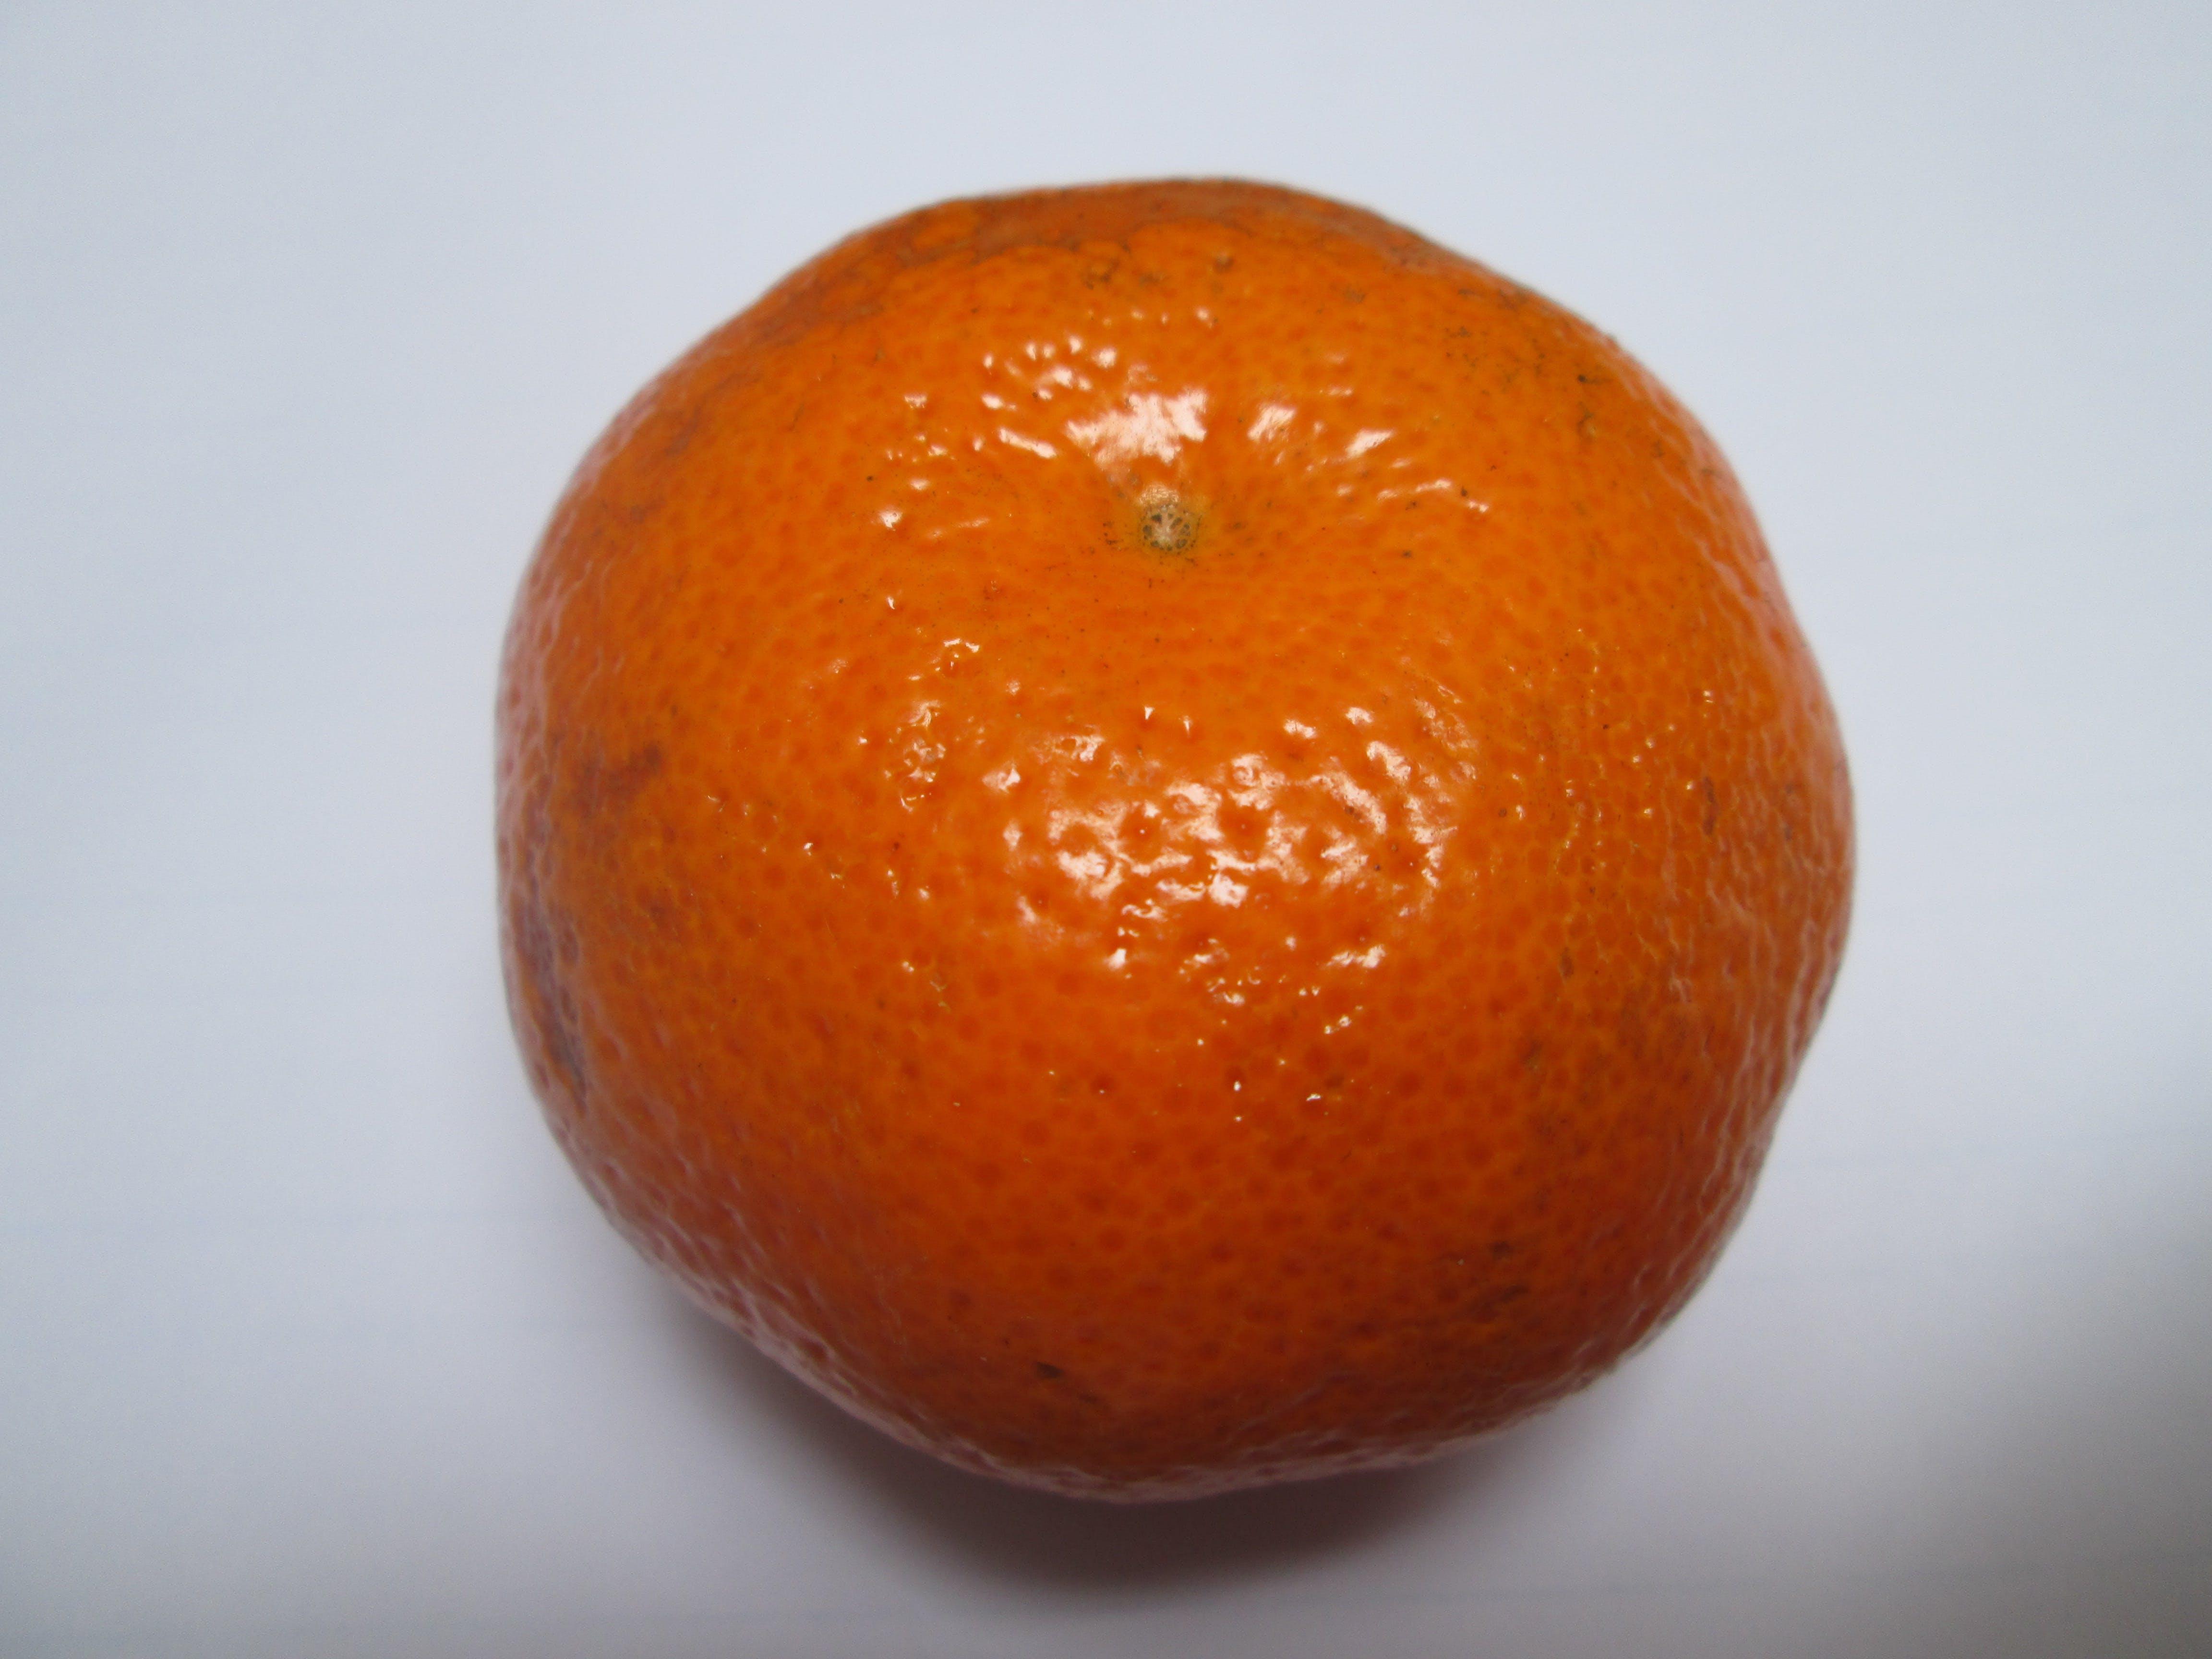 Mandarina, tangerine